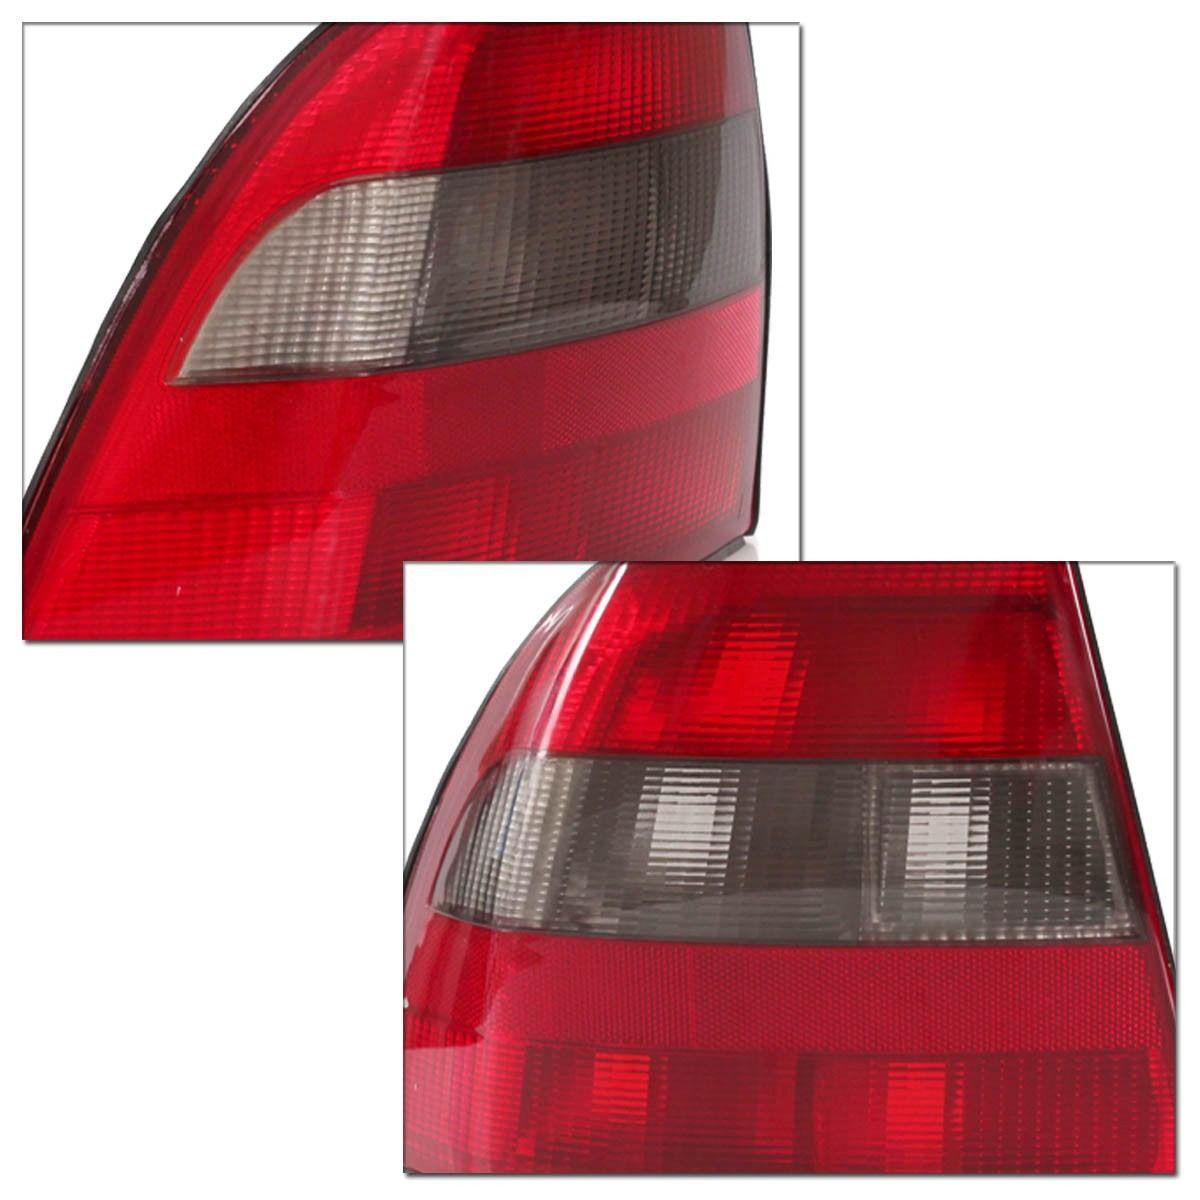 Lanterna Traseira Chevrolet Vectra 97 98 99 Bicolor Ré Fumê